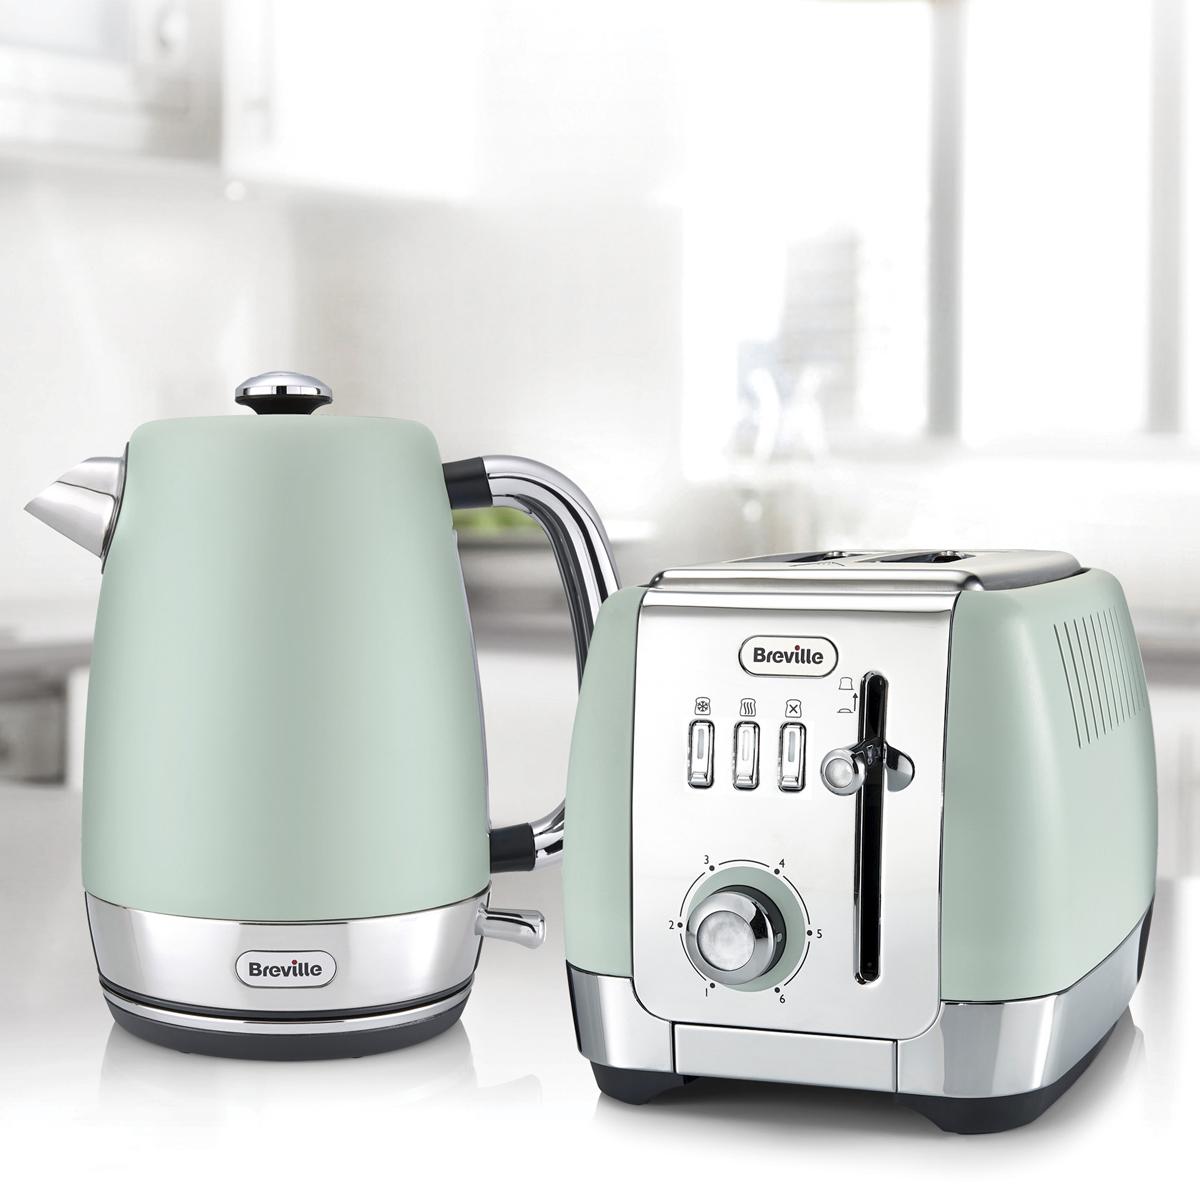 strata collection 1 7l jug kettle matt green vkj998. Black Bedroom Furniture Sets. Home Design Ideas